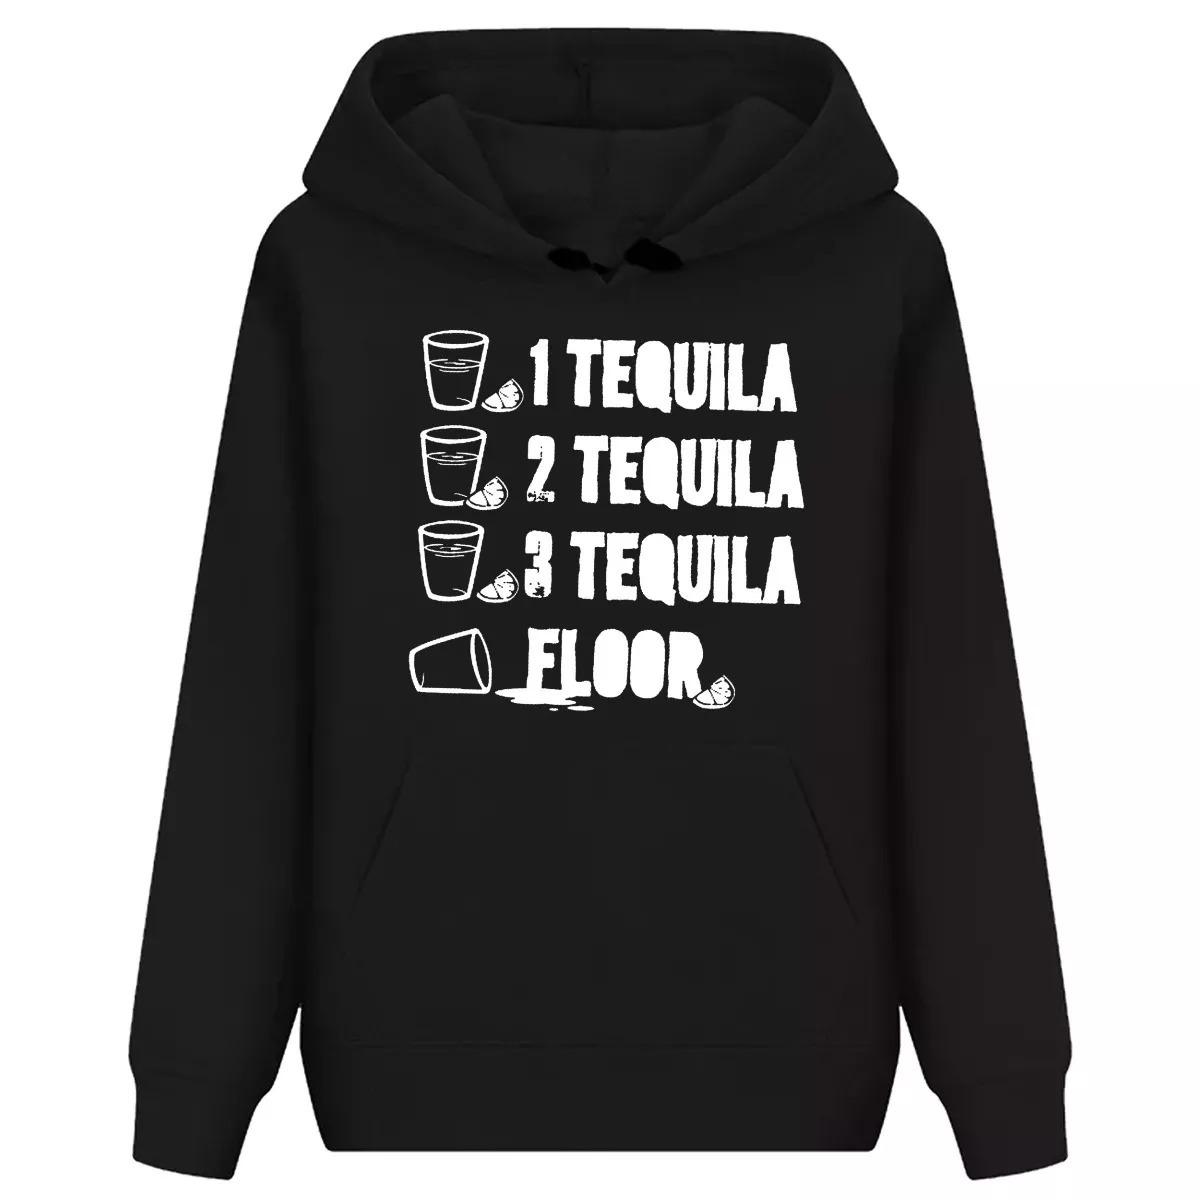 bda53305b5 Moletom Blusa Casaco Tequila Carnaval 2019 Top Promoção!! - R  54